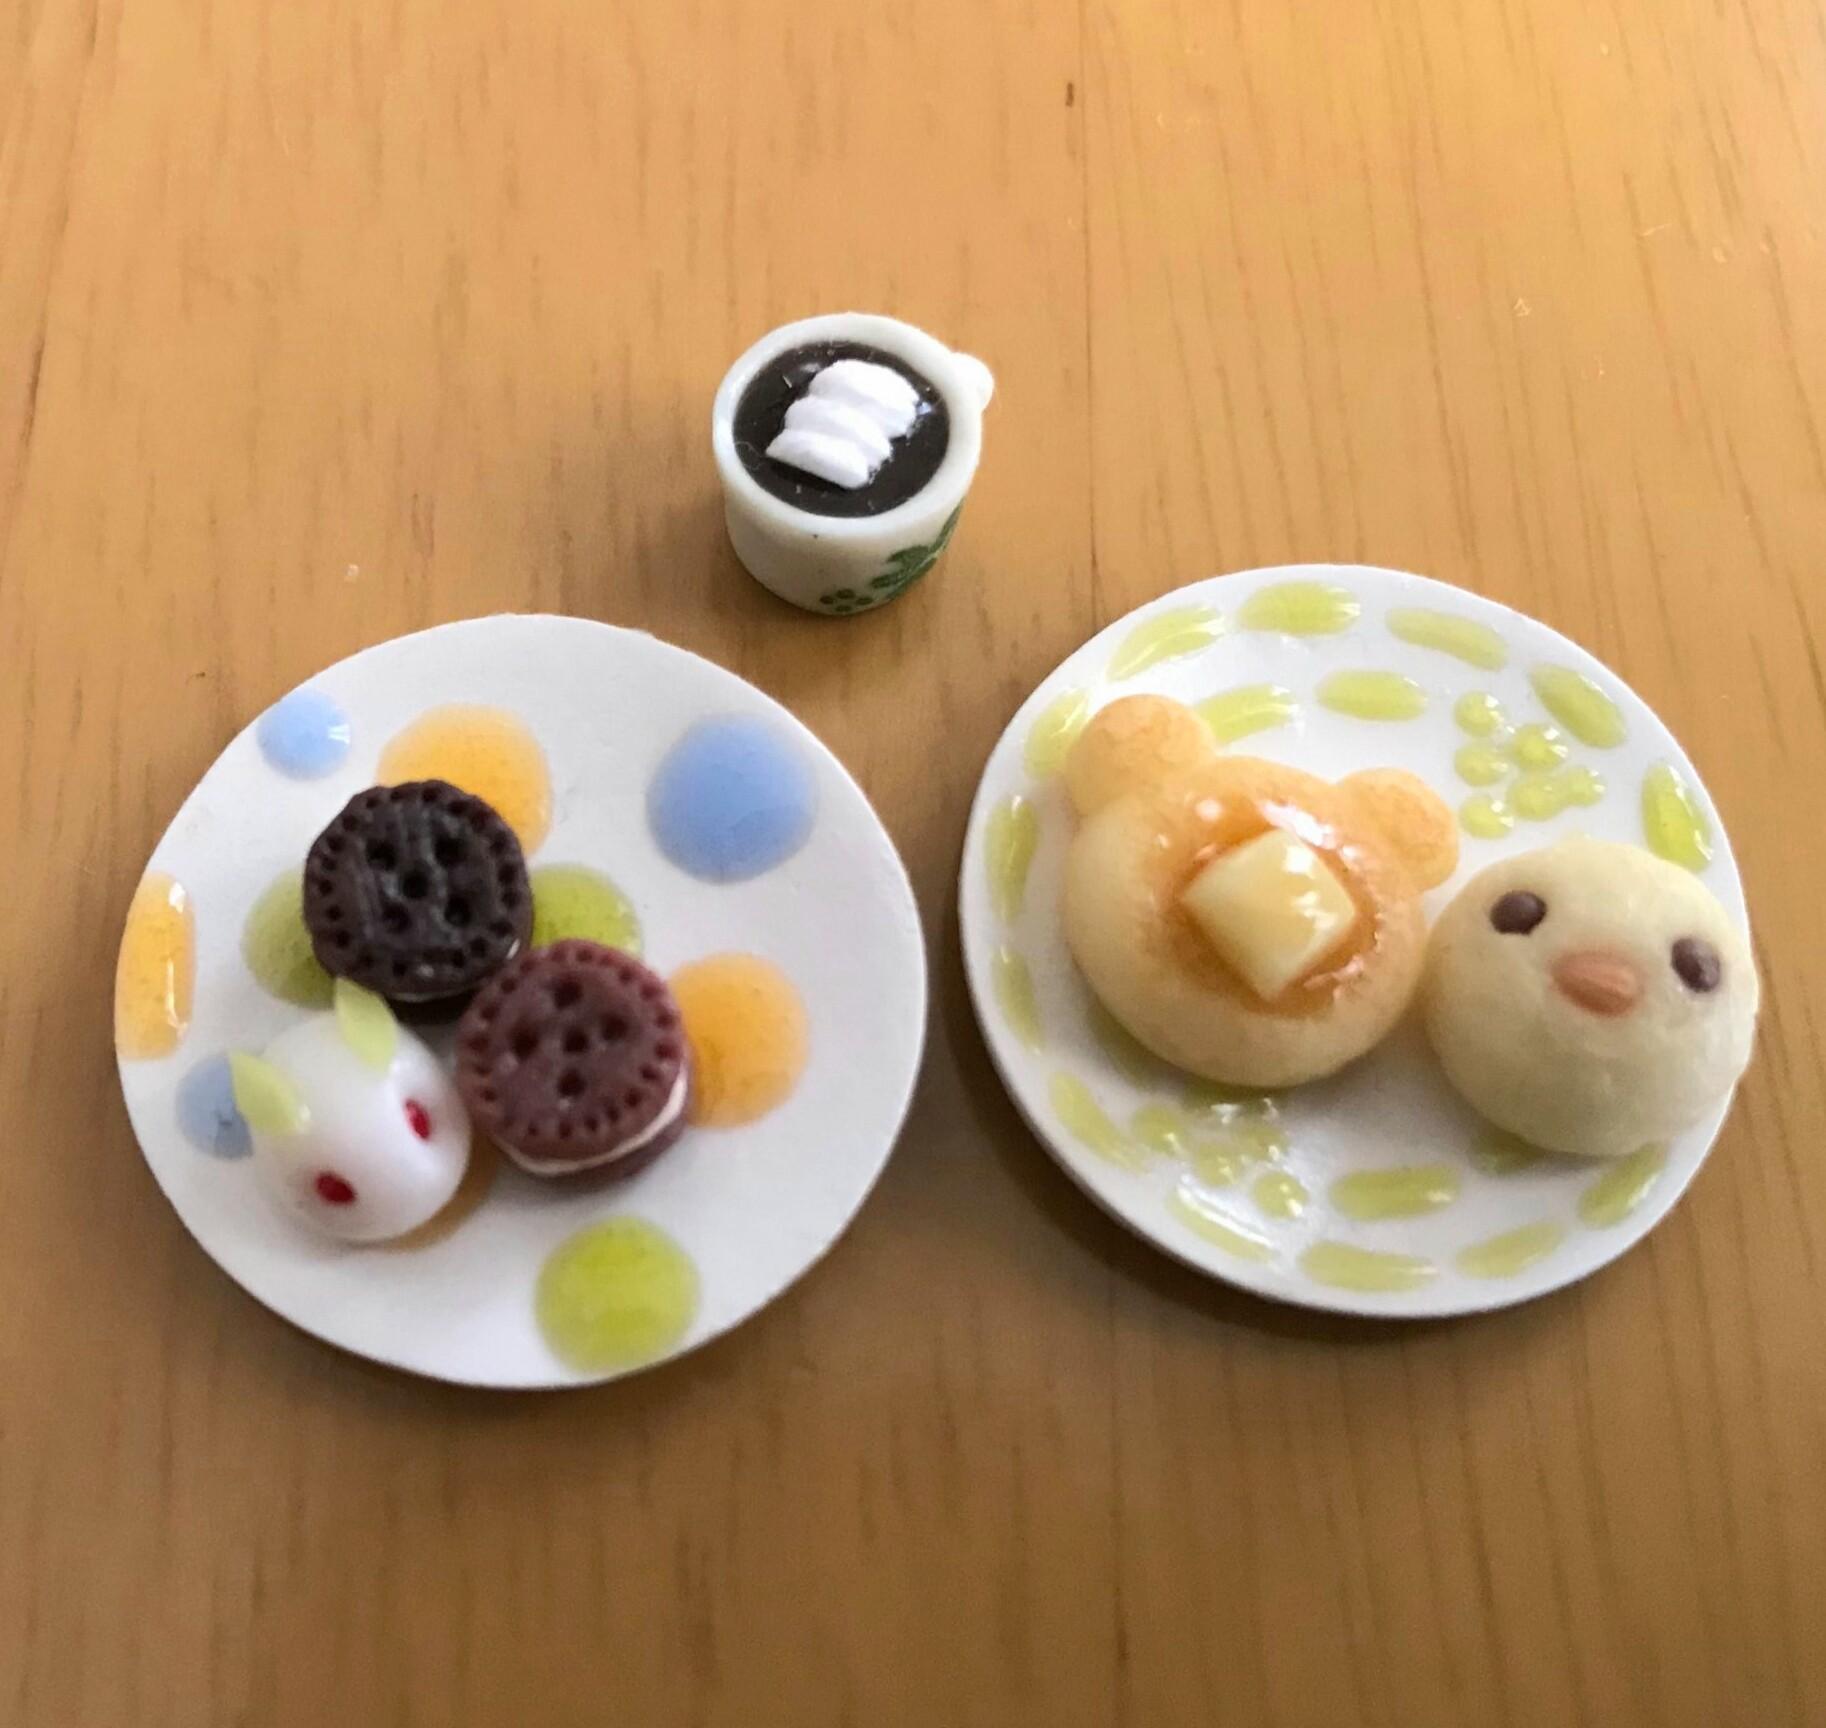 ミニチュアフードかわいいドール用小物手作りおすすめ人気商品ミンネ